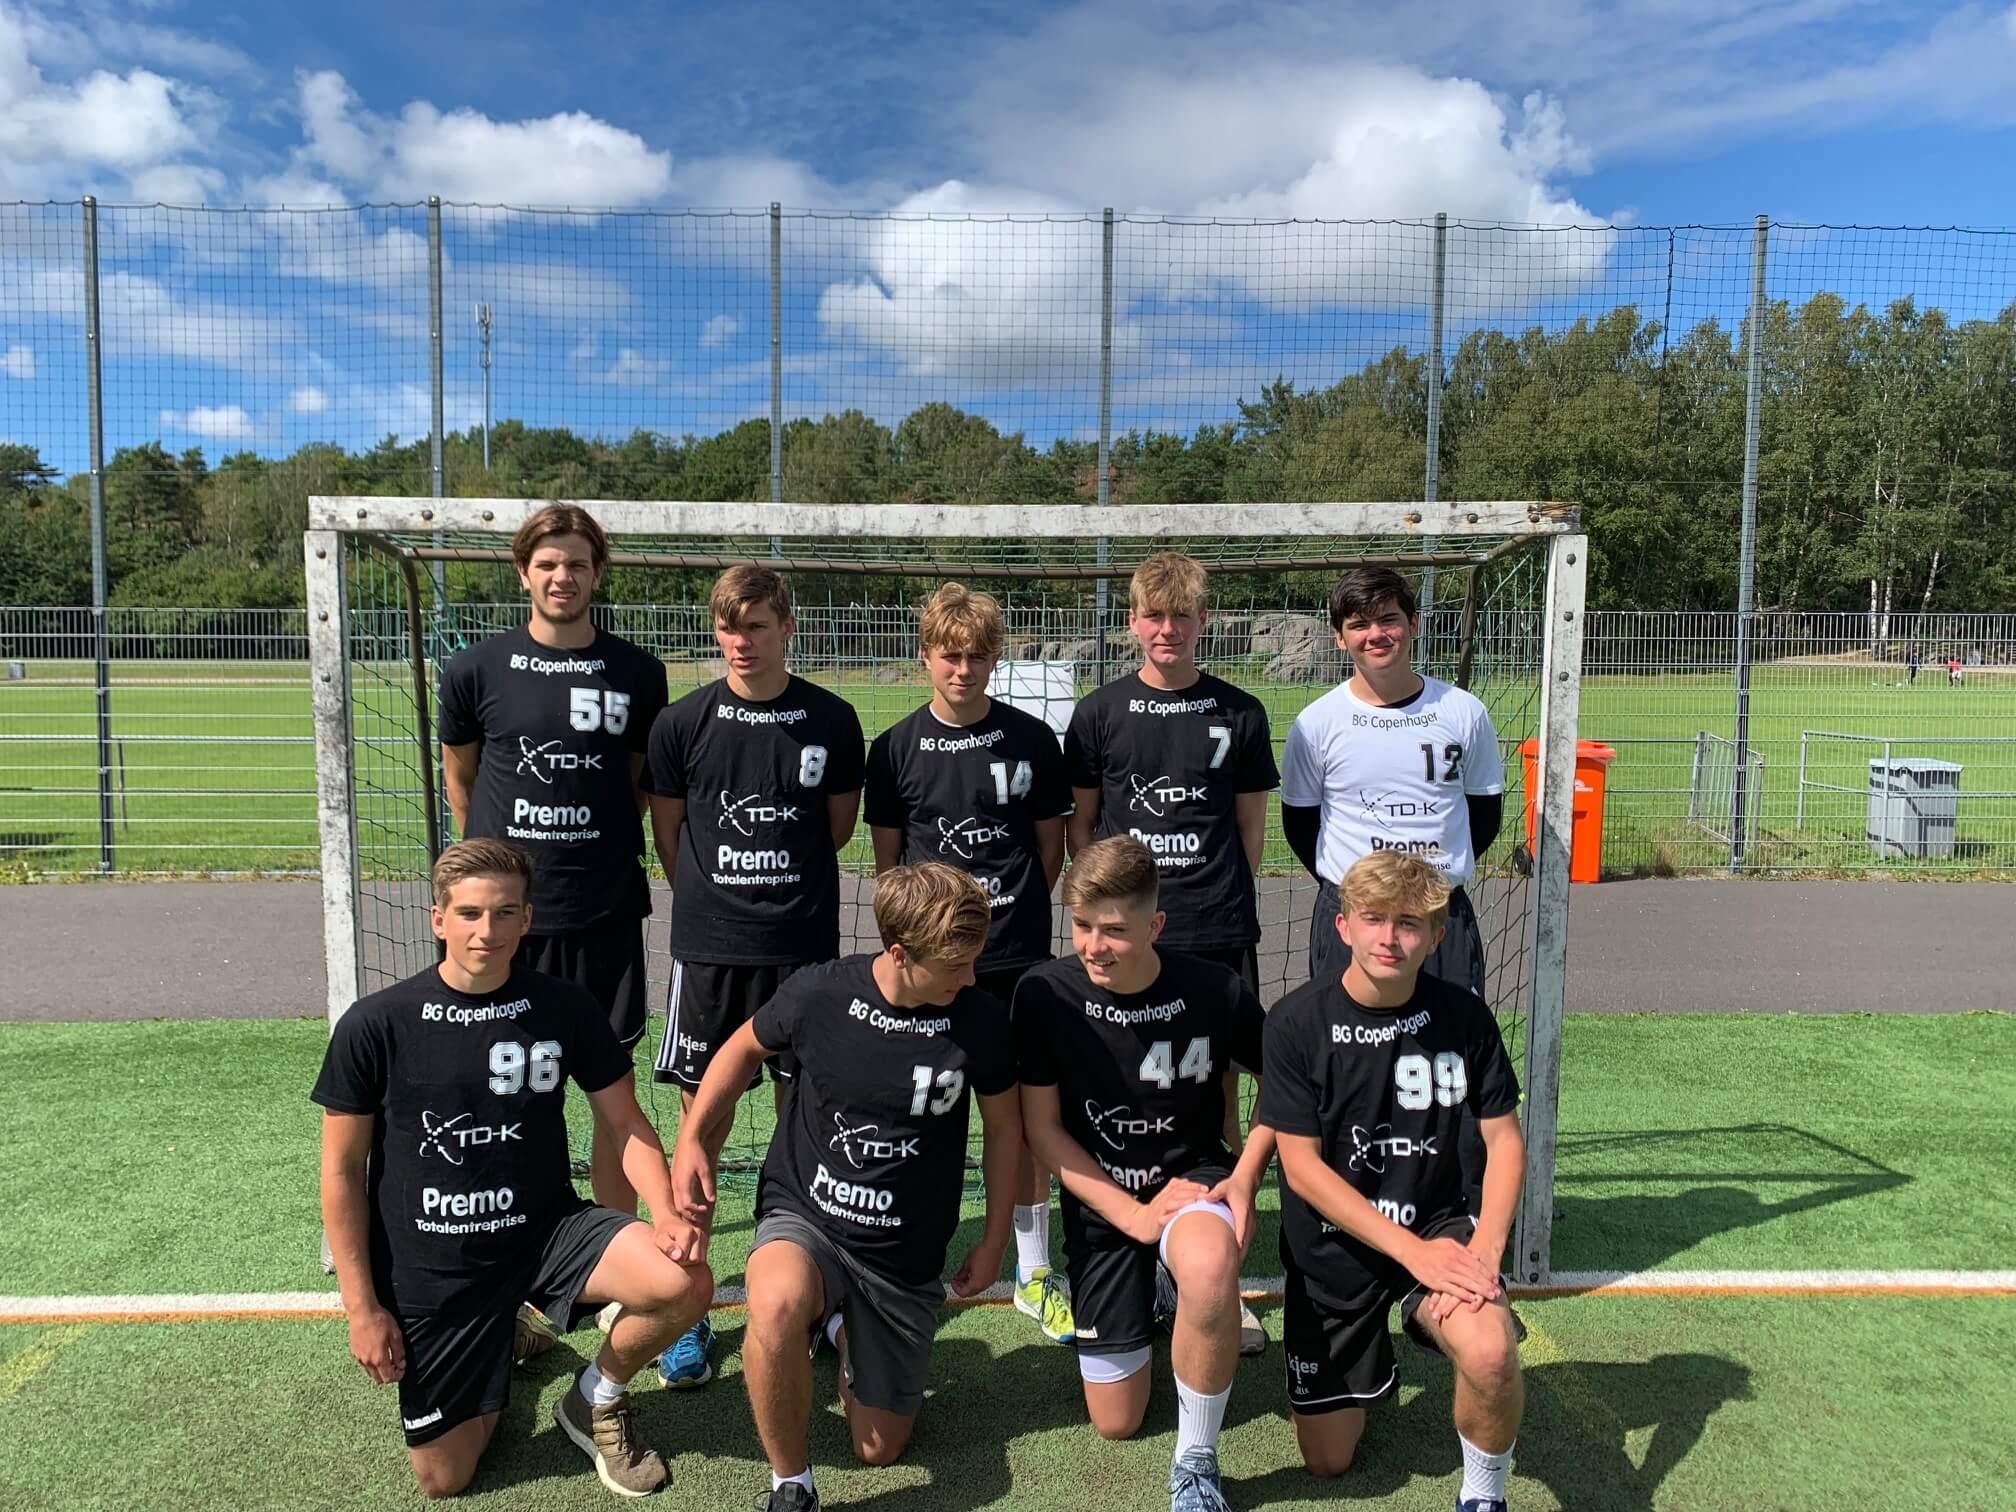 BG Copenhagens  Boys 18 . Foto tilhører BG Copenhagen.